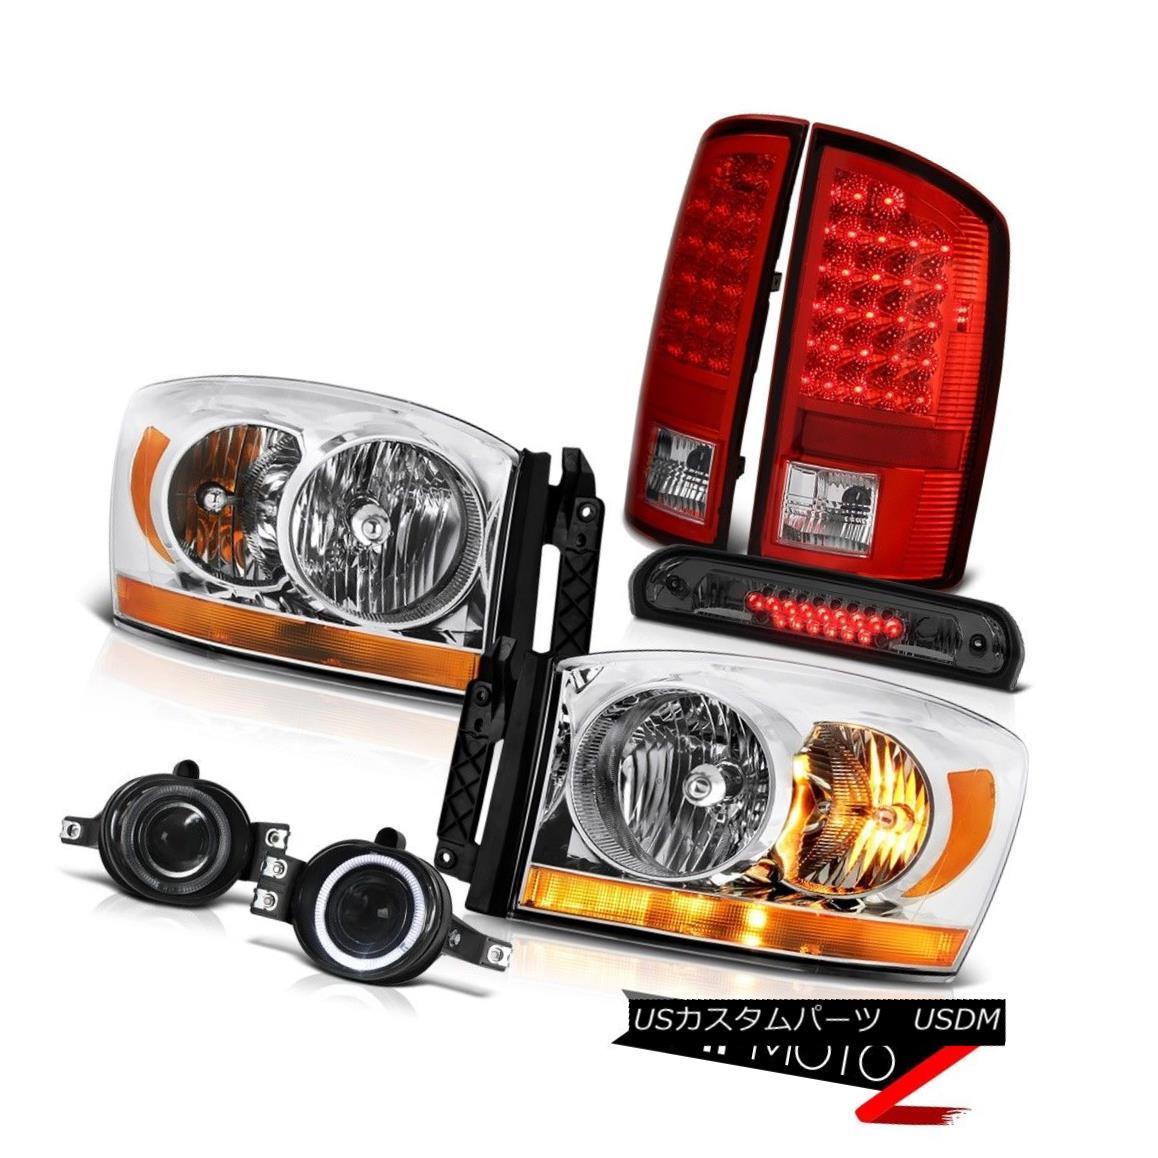 ヘッドライト 2006 Ram 3500 Chrome Headlights Fog Lights Roof Cargo Lamp Wine Red Taillamps 2006 Ram 3500クロームヘッドライトフォグライトルーフカーゴランプワインレッドタイルランプ